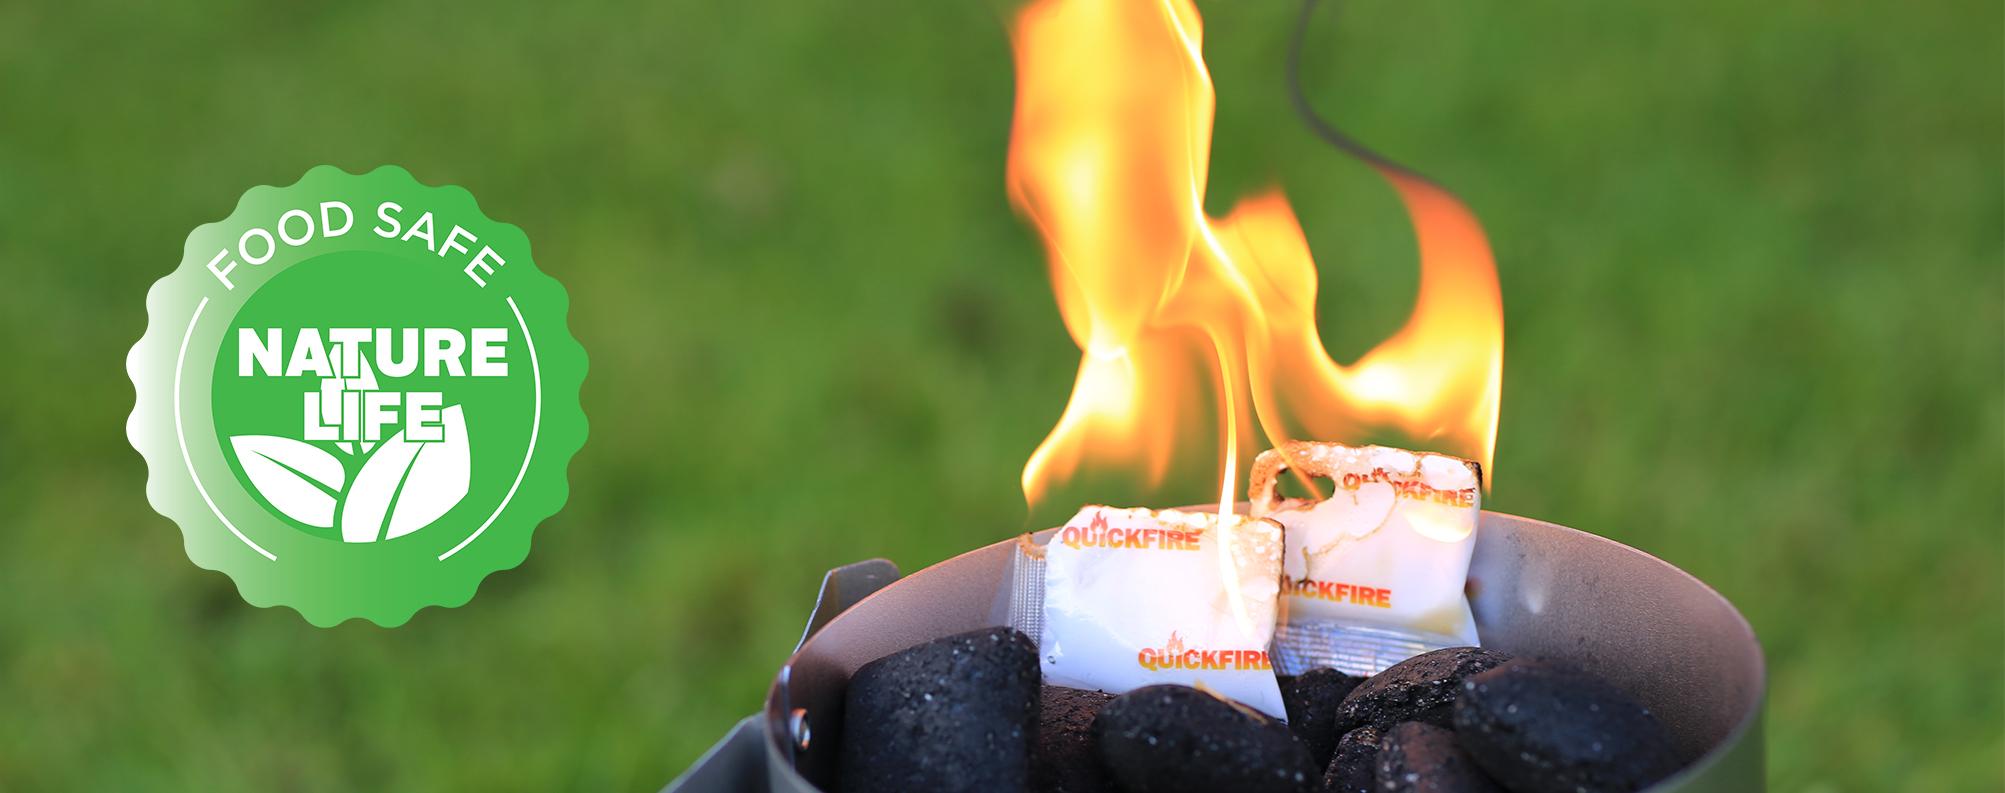 Grillstarter_flames_foodsafe2